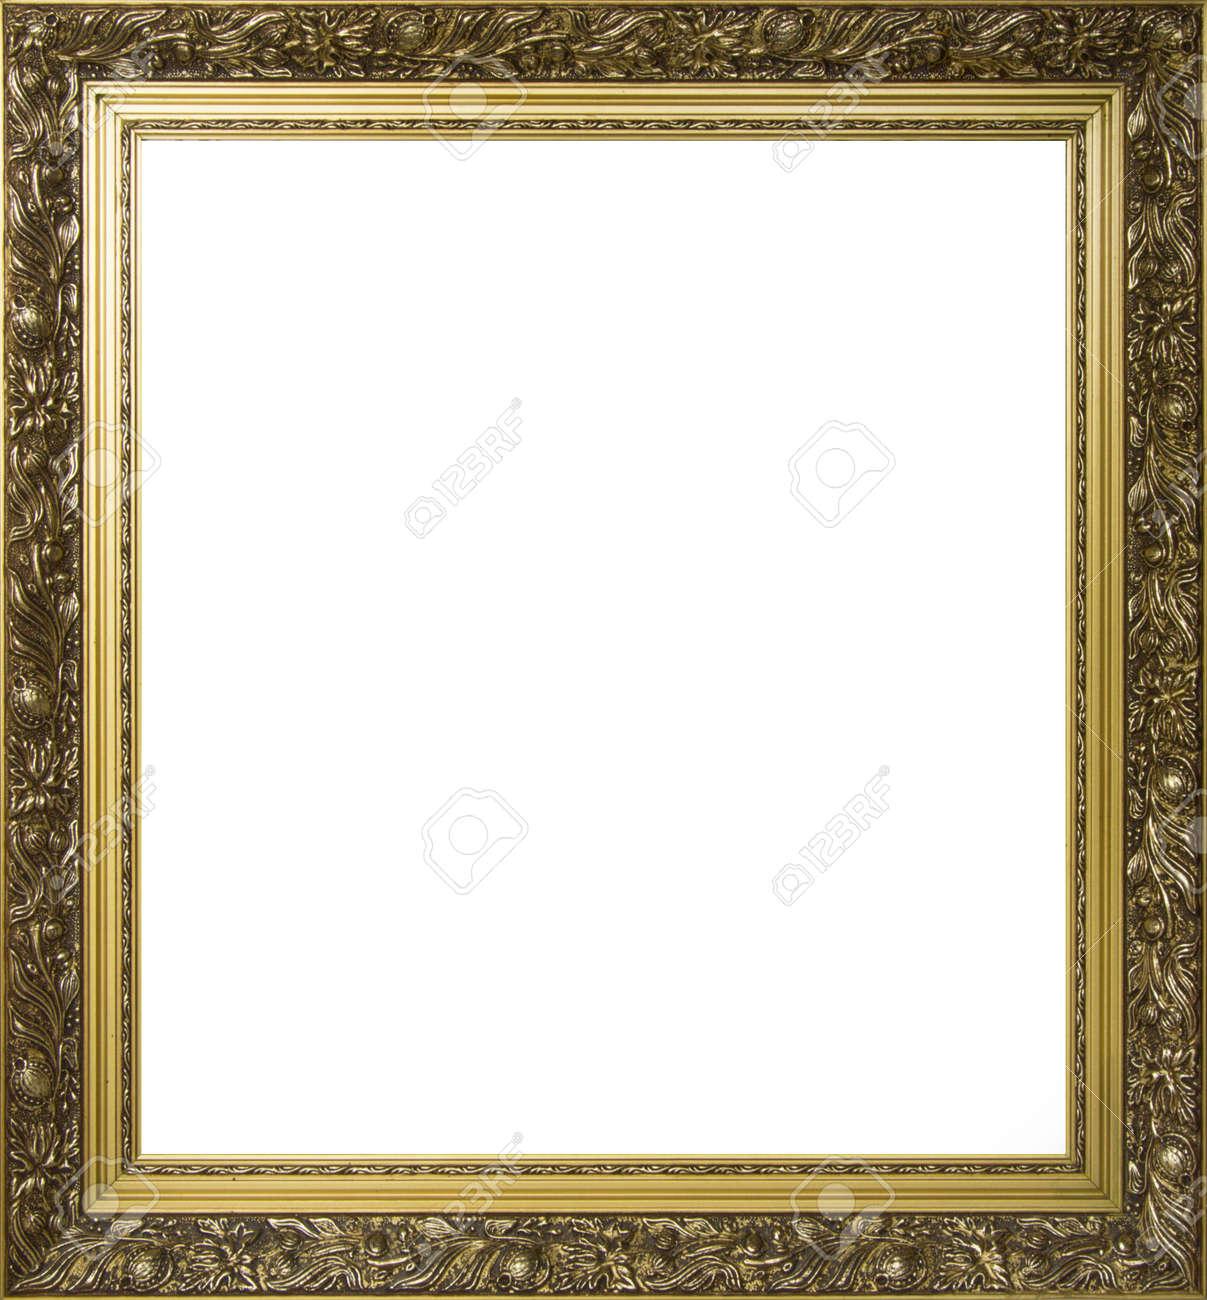 Chapado En Oro Marco Para La Pintura O La Fotografía Fotos, Retratos ...